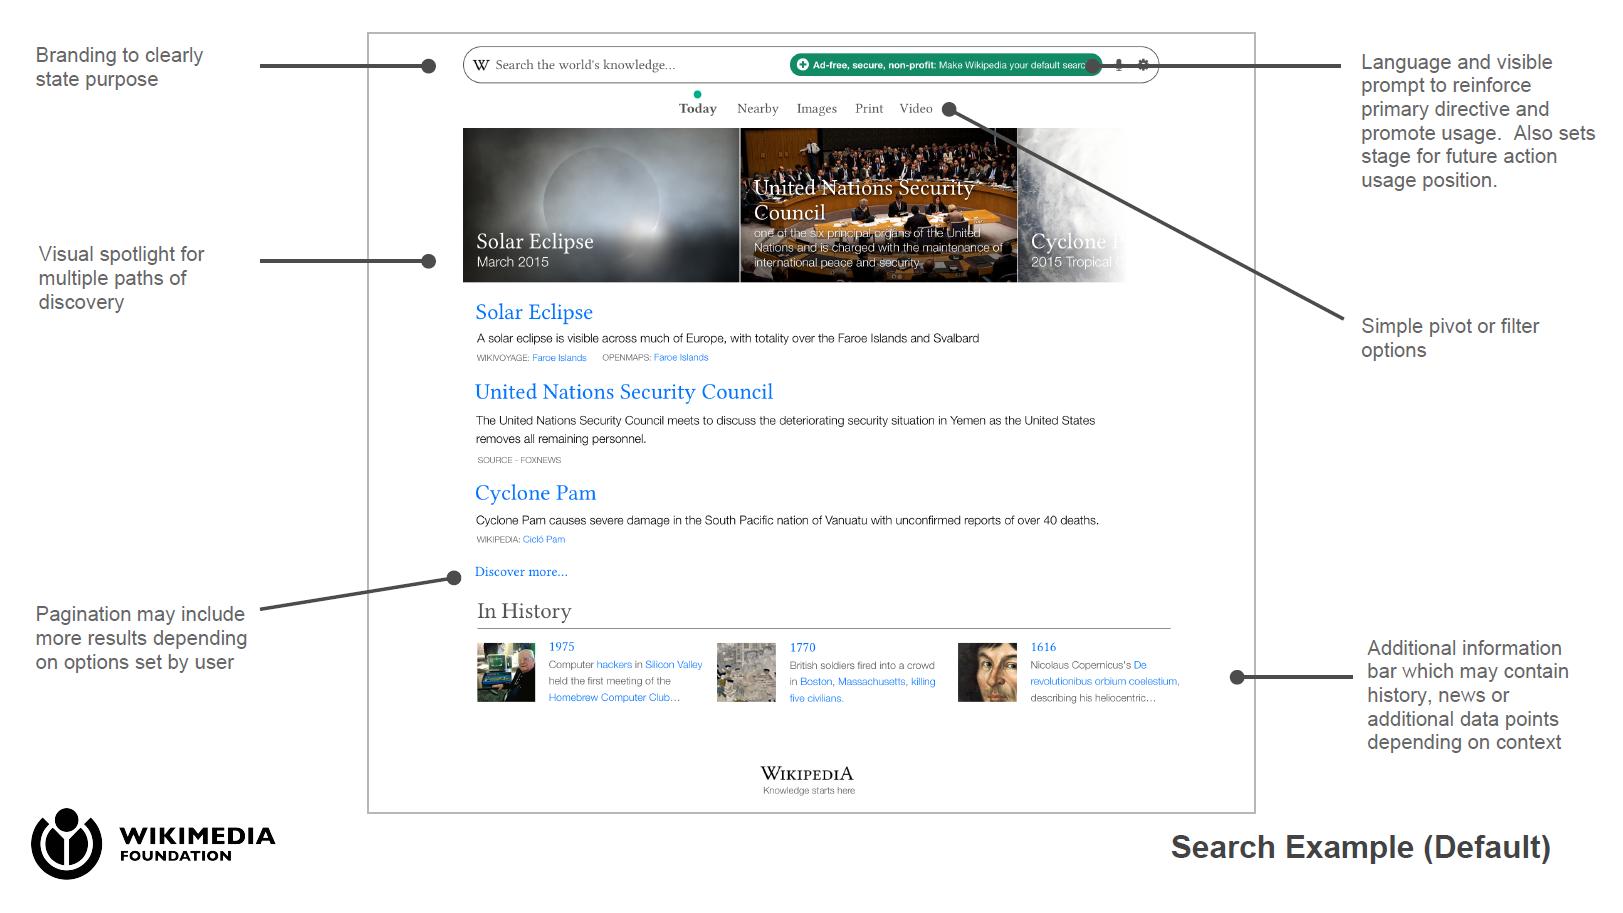 projet-moteur-wikimedia-2015.png